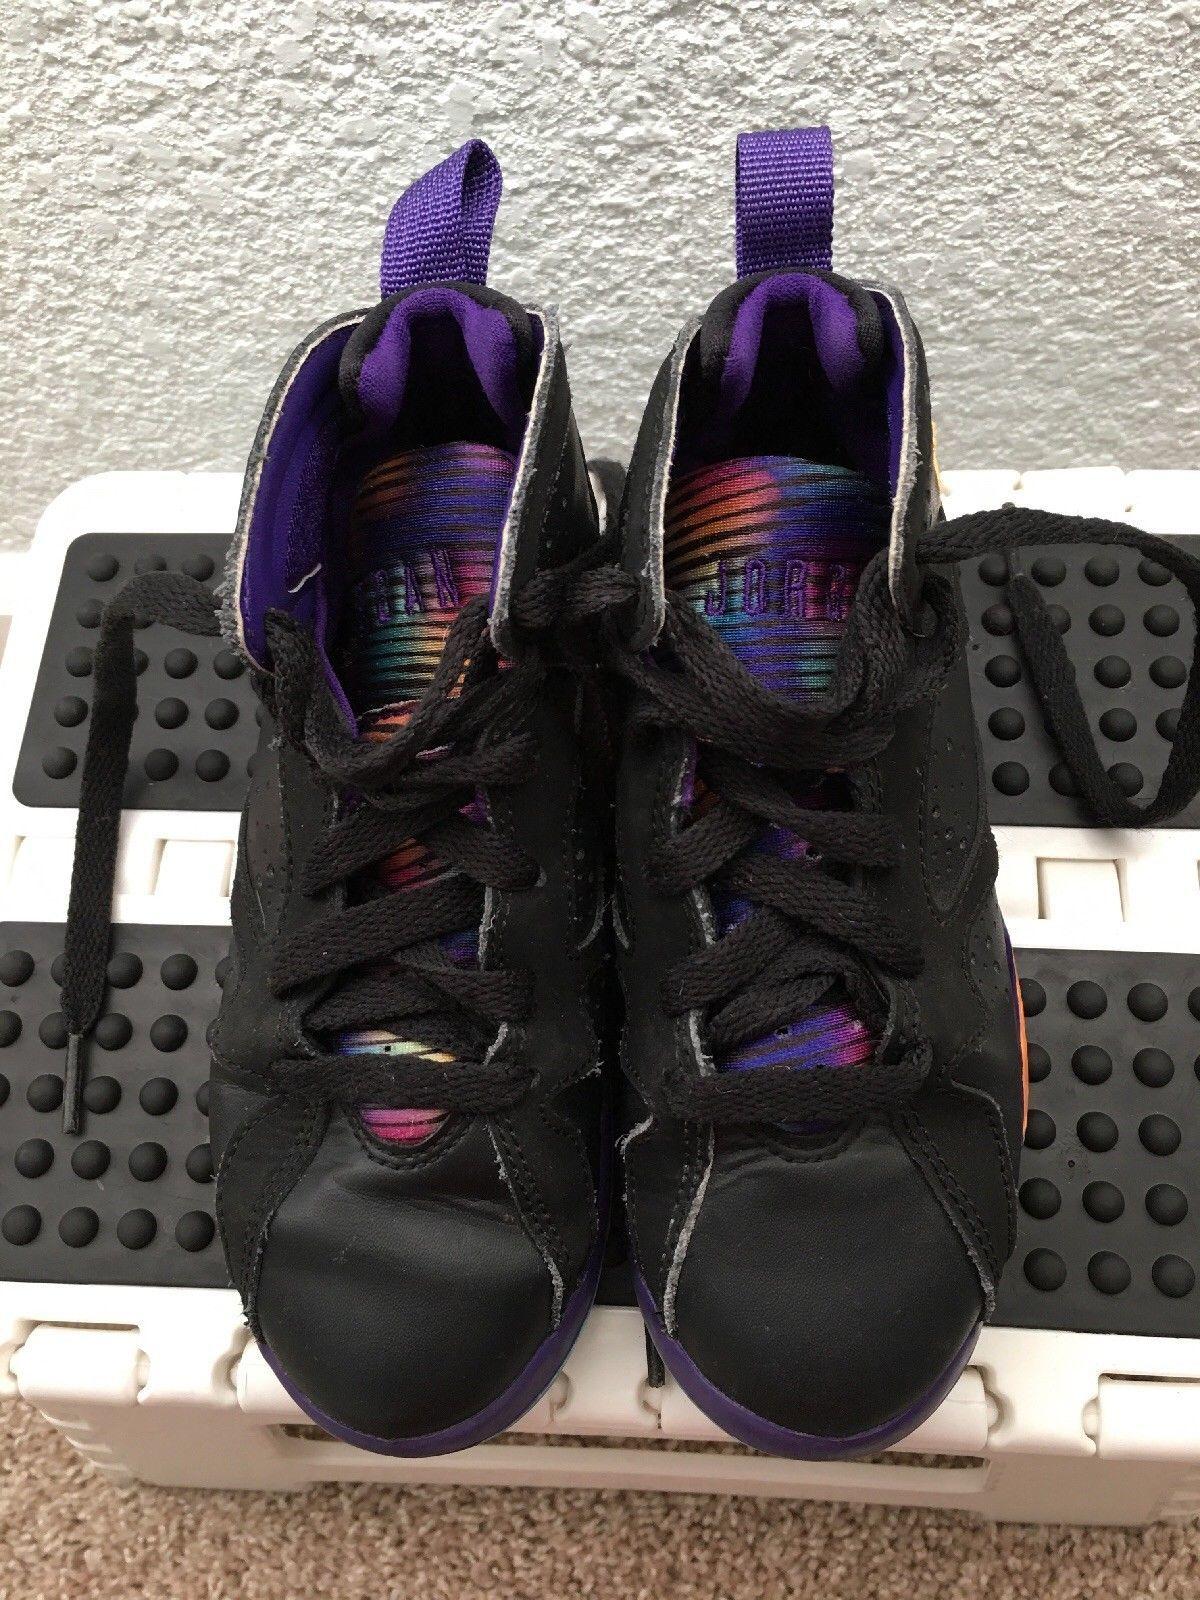 aac0ec257aa160 Air Jordans Retro 7 VII Lola Black Purple Orange High Top Sneakers Kids